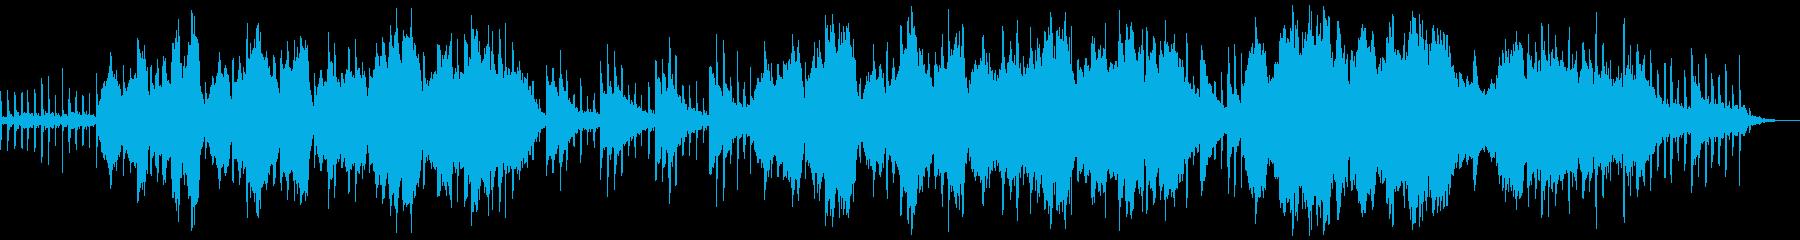 チェロ主体のレトロで寂しい哀愁曲の再生済みの波形